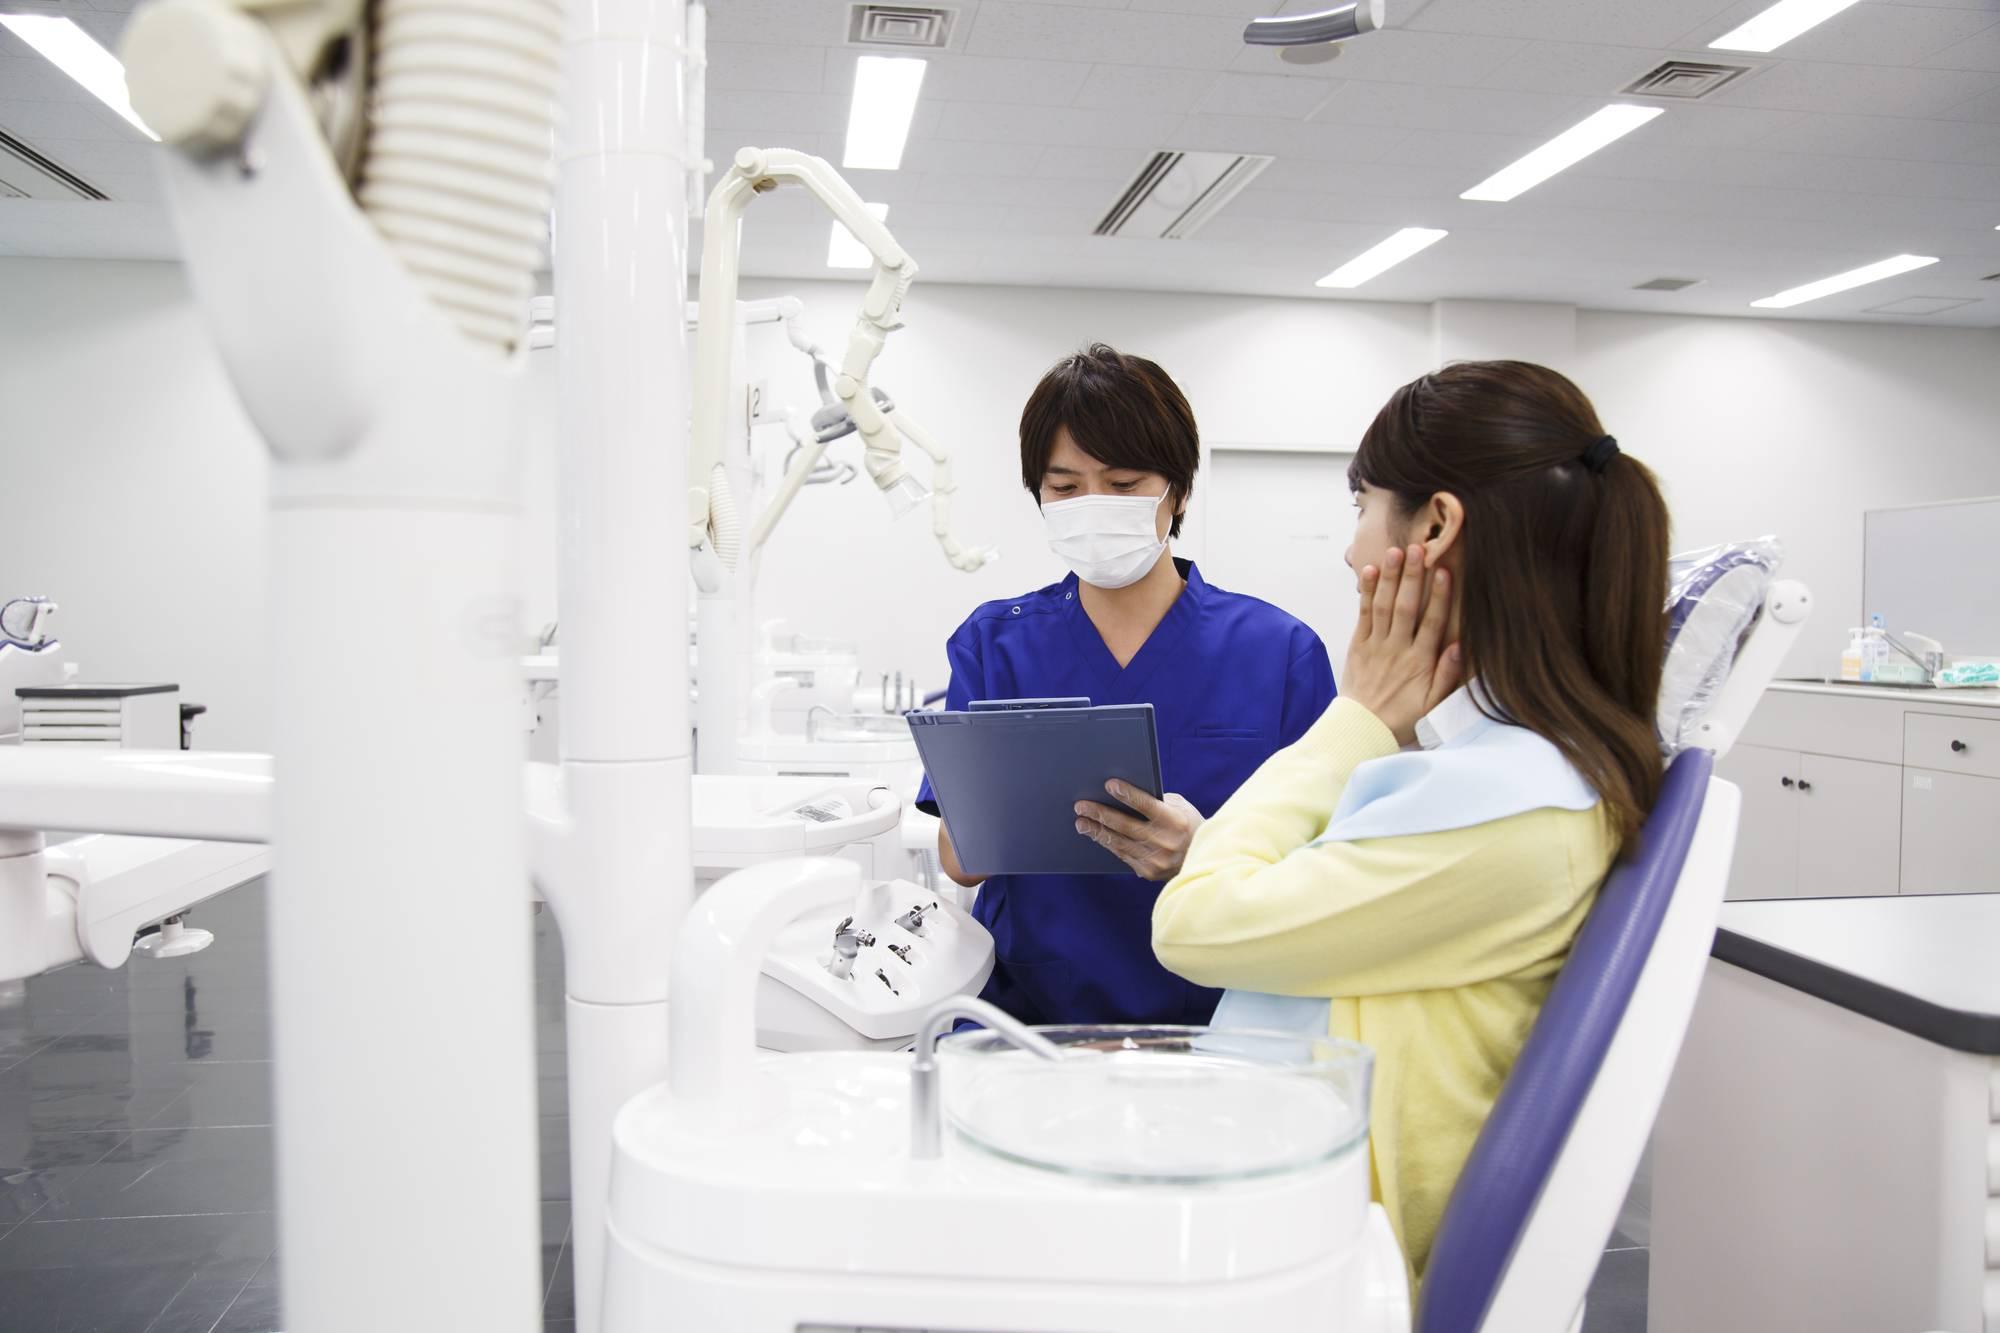 根管治療後の痛みについて相談する女性患者